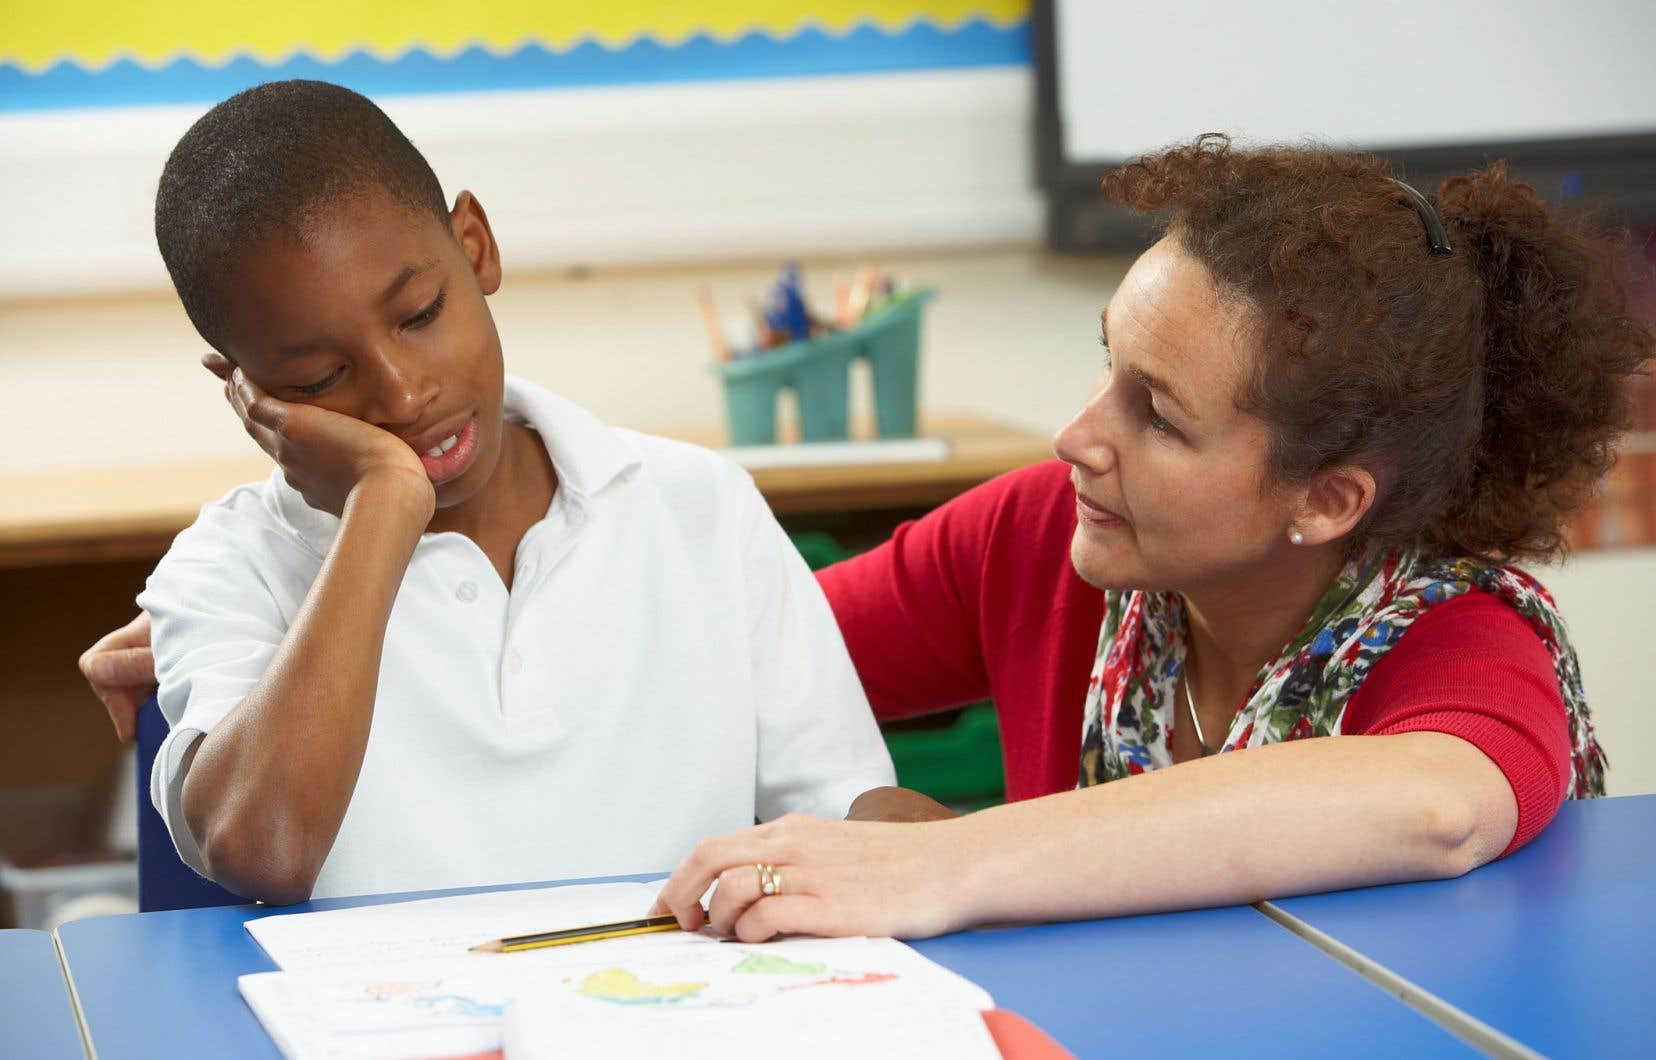 Les psychologues, orthophonistes et autres professionnels formés pour aider les élèves en difficulté manquent.